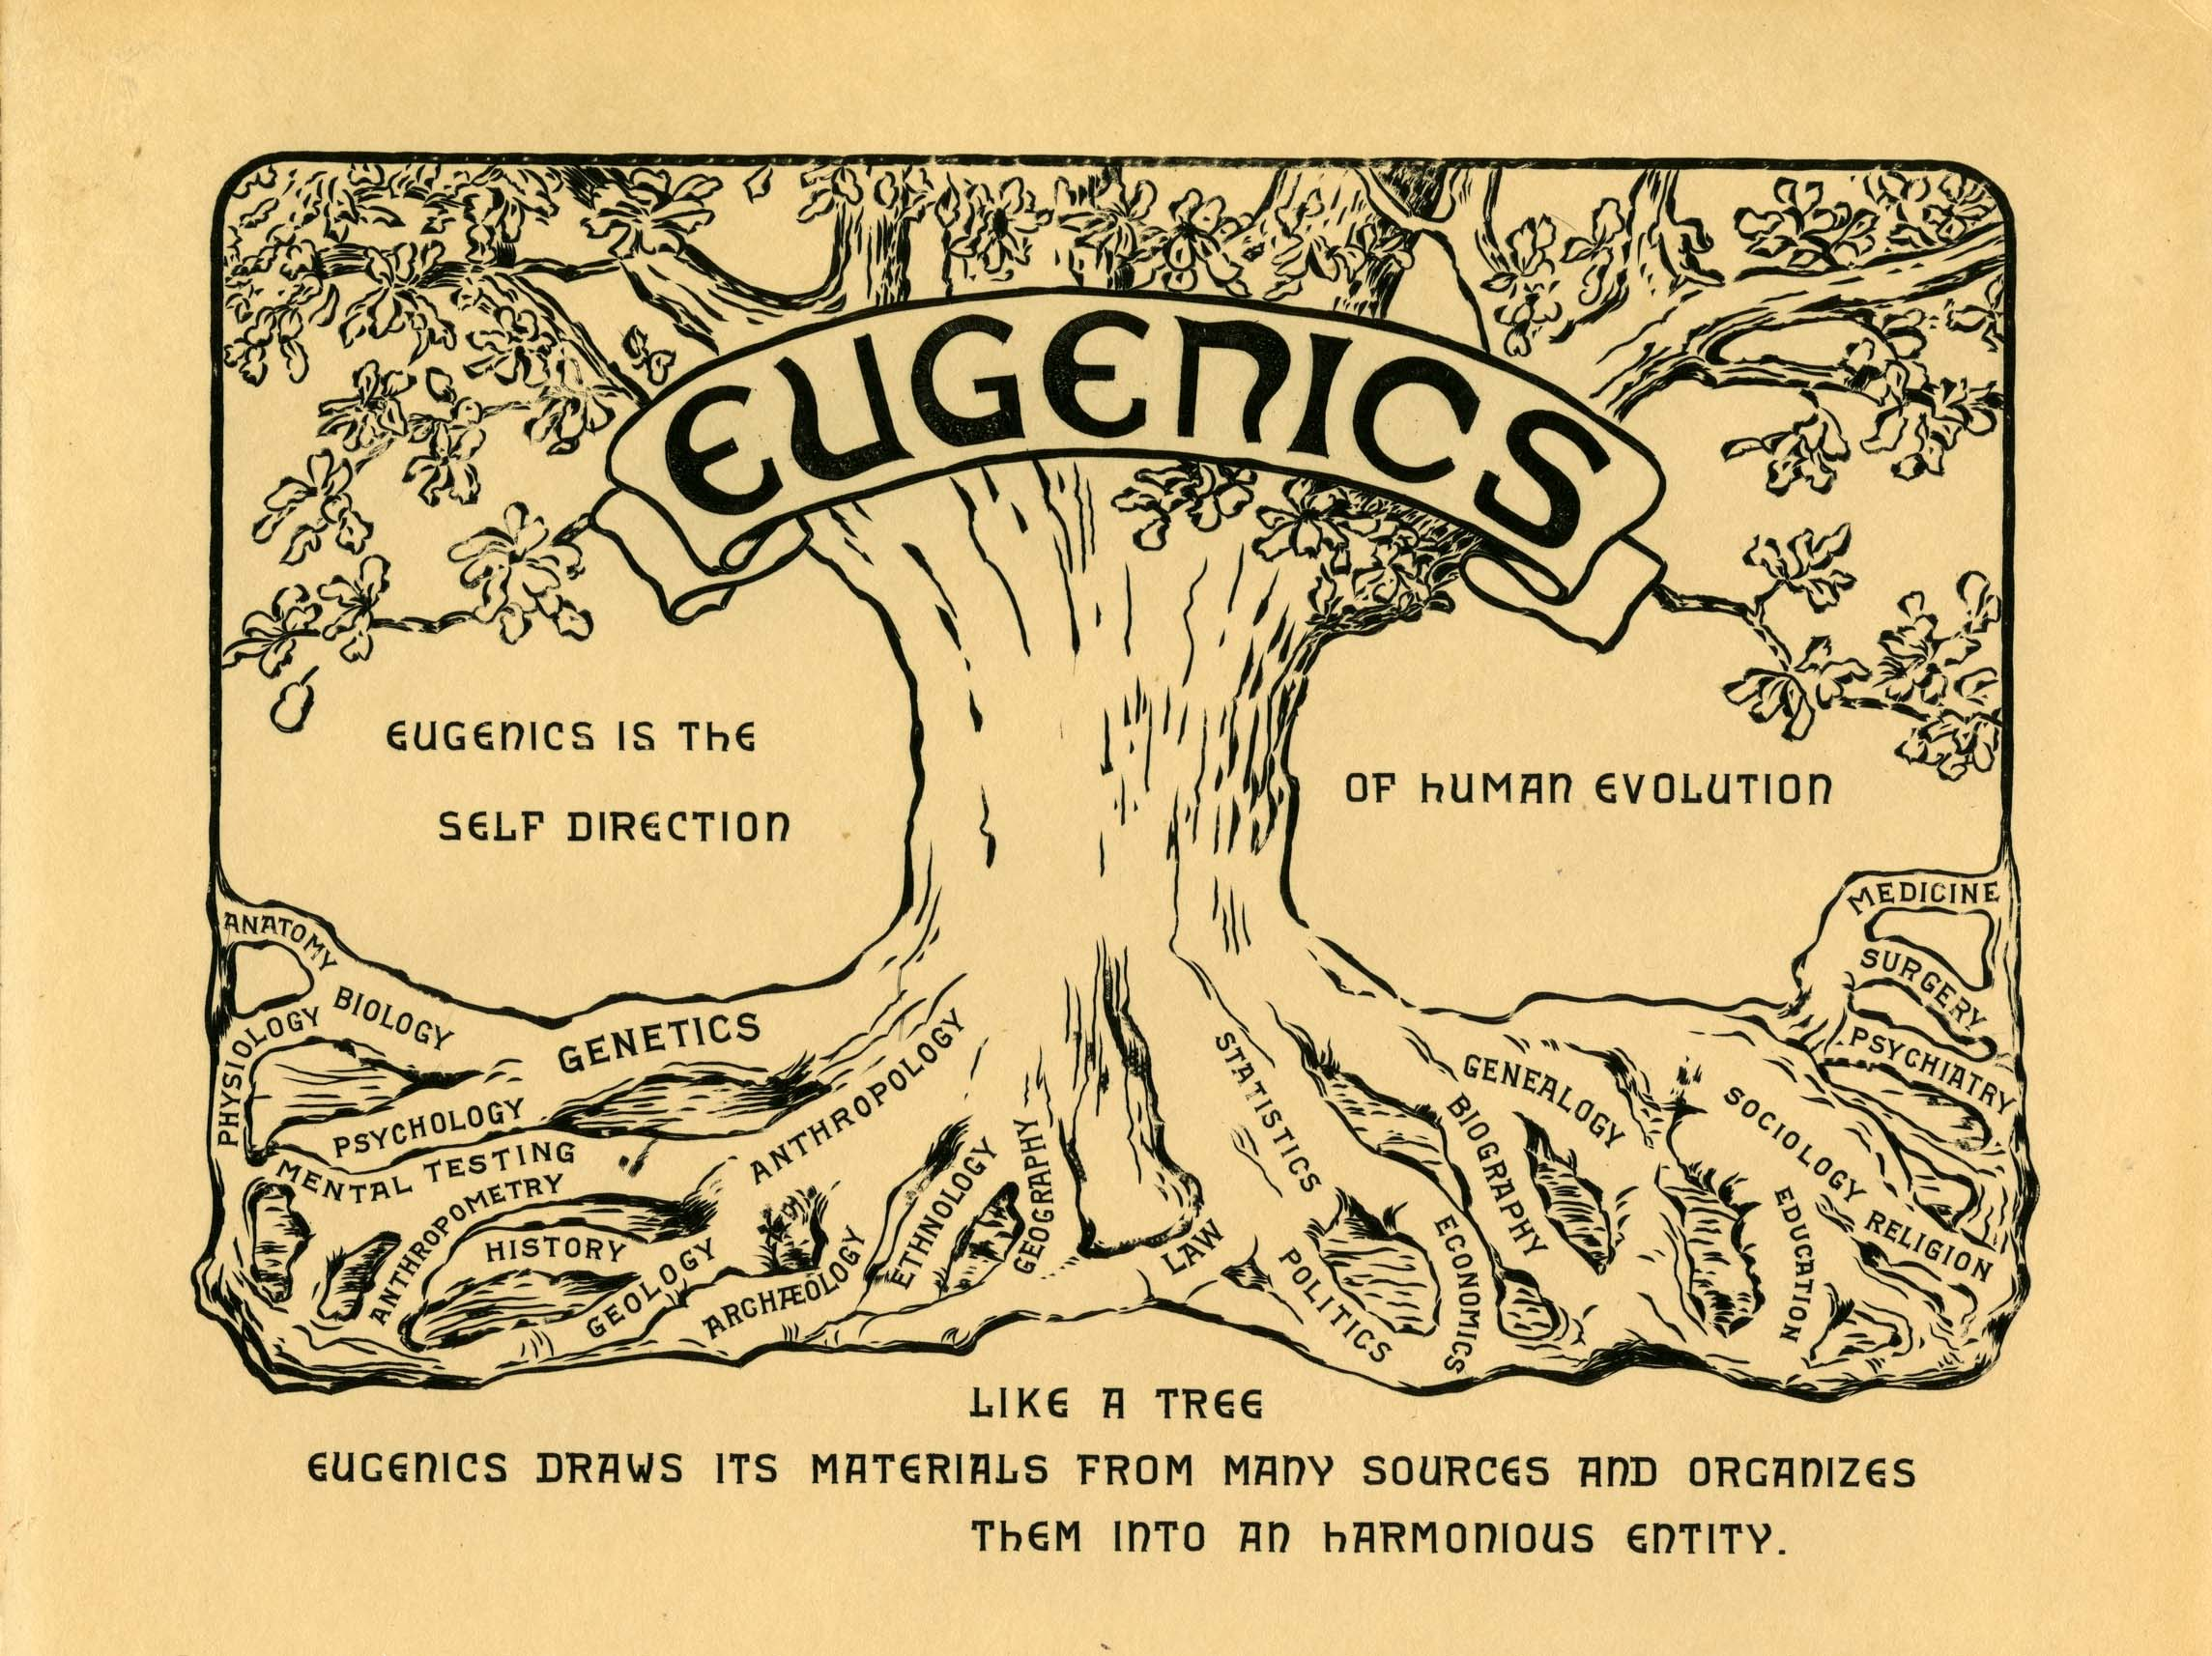 Евгеника (от древнегреческого εὐγενής — хорошего рода, благородный) — учение о селекции применительно к человеку, а также о путях улучшения его наследственных свойств.